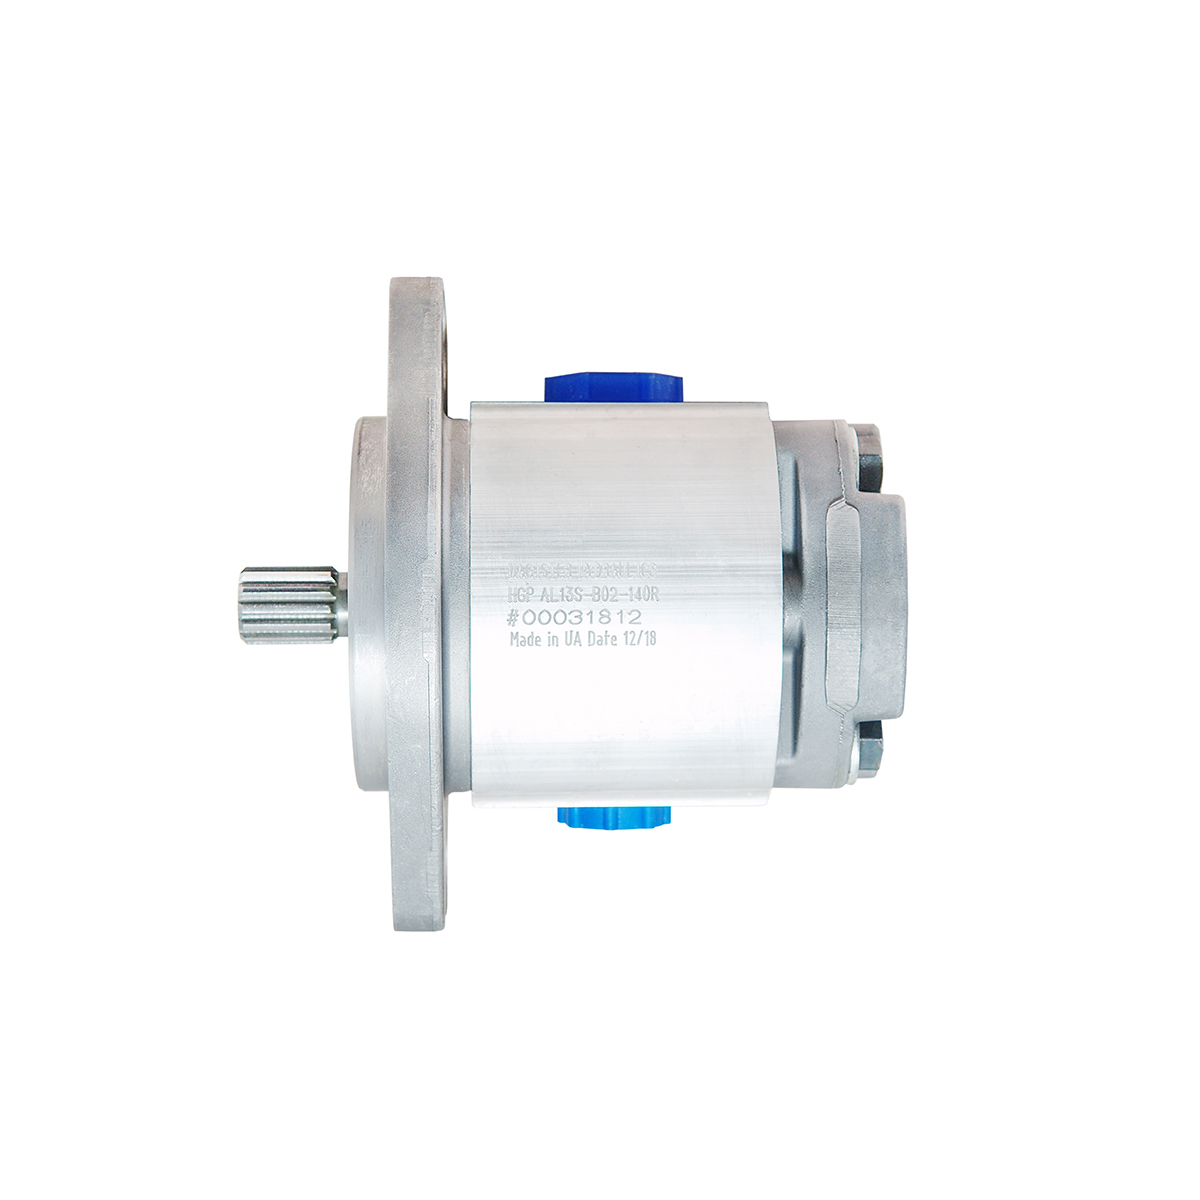 1.40 CID hydraulic gear pump, 13 tooth spline shaft counter-clockwise gear pump   Magister Hydraulics